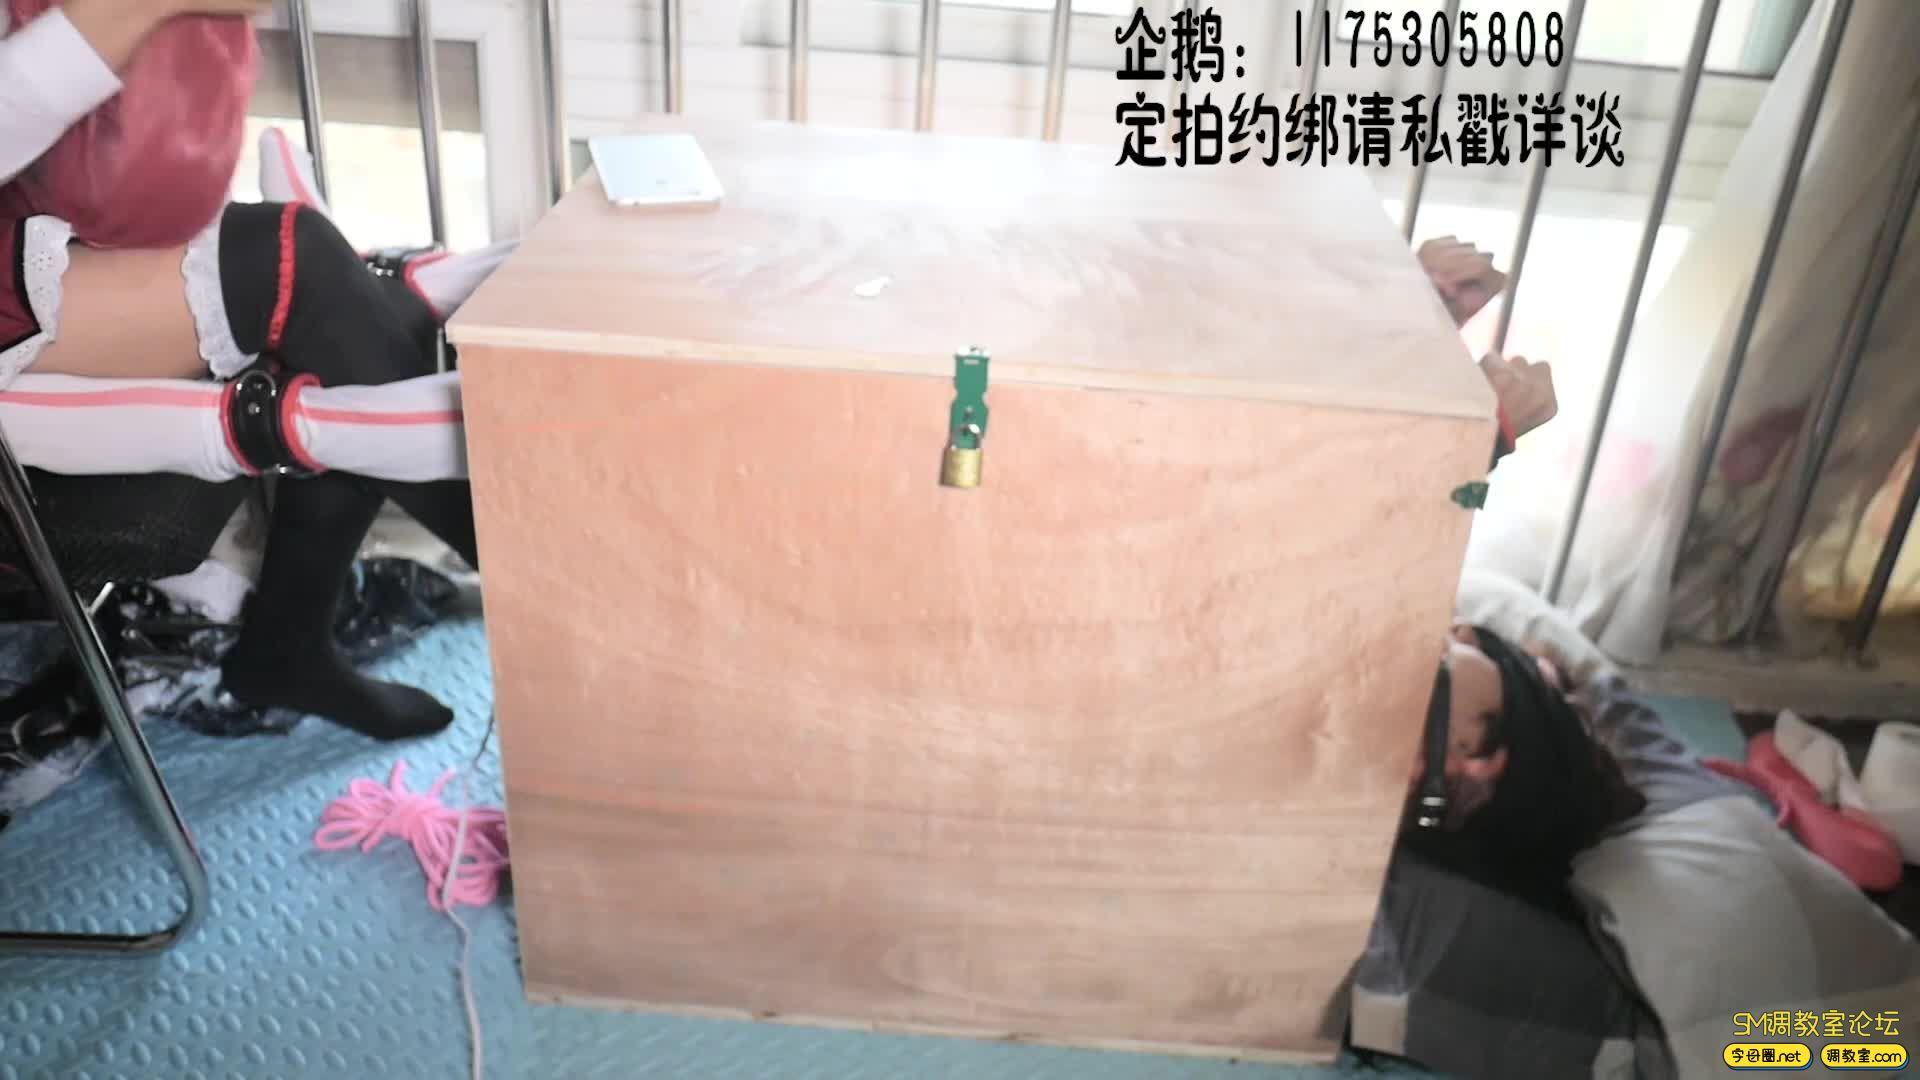 【莉雅的紧缚实验】拘束箱初次登场 五河琴里X绊爱 COSPLAY-视频截图8